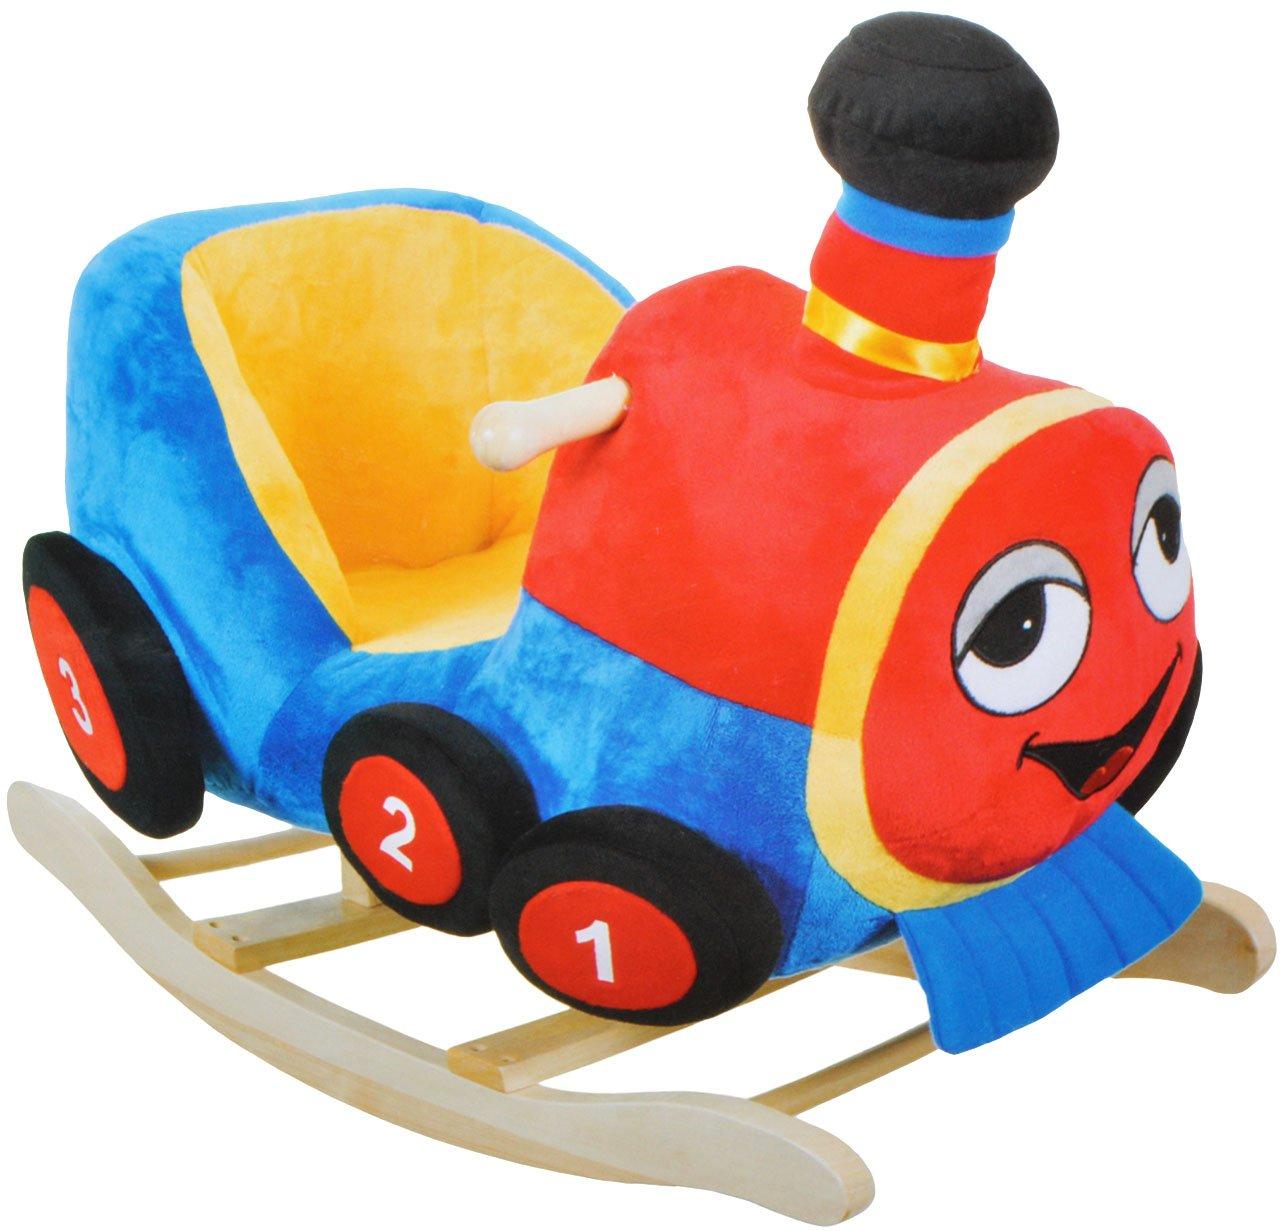 XL Plüsch und Holz Schaukelpferd - Eisenbahn Lok Zug - Schaukeltier Kind Schaukel Schaukelzug Tier Tiere Plüschschaukel für Kinder Jungen Fahrzeug